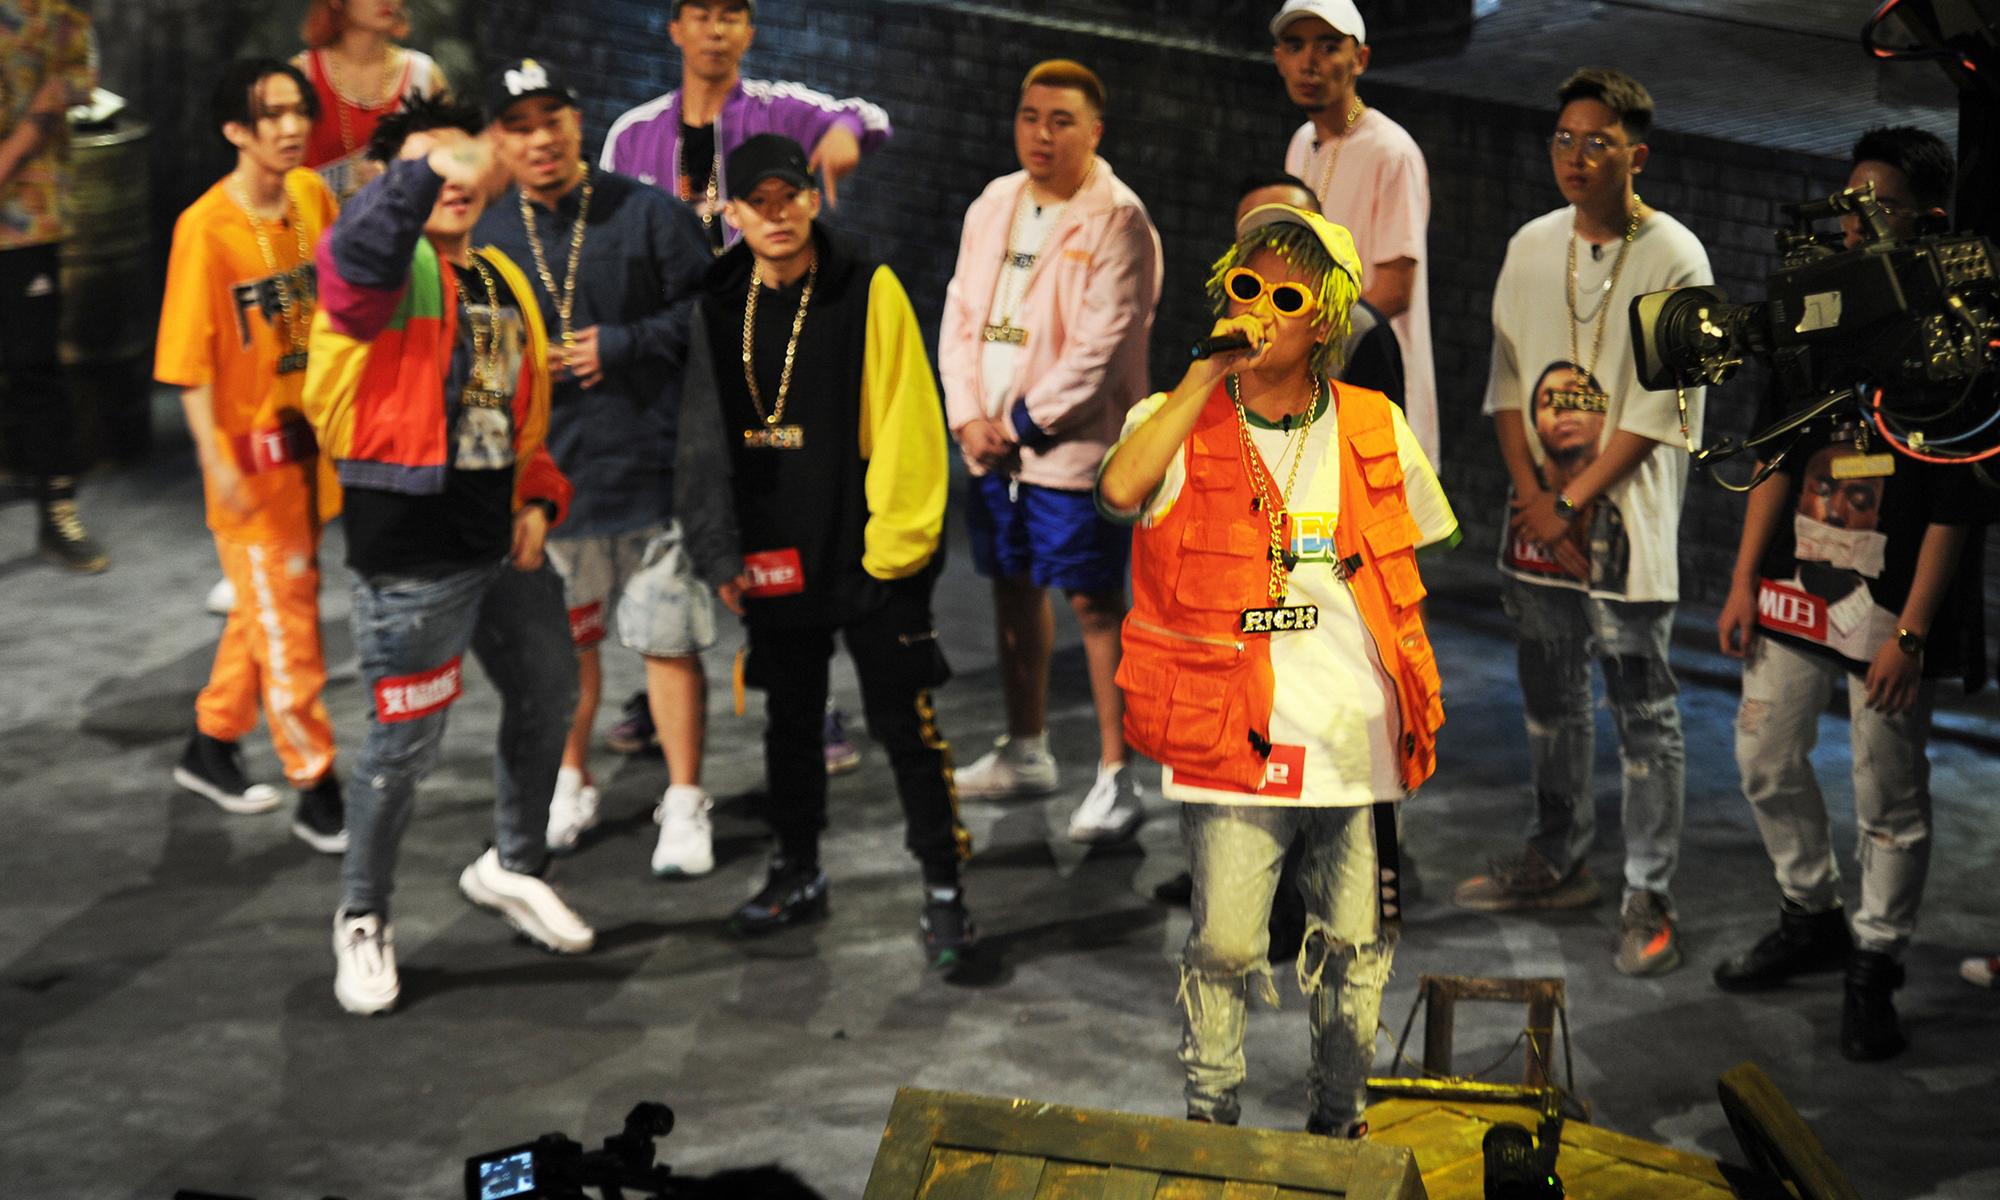 《中国有嘻哈》带火了什么?